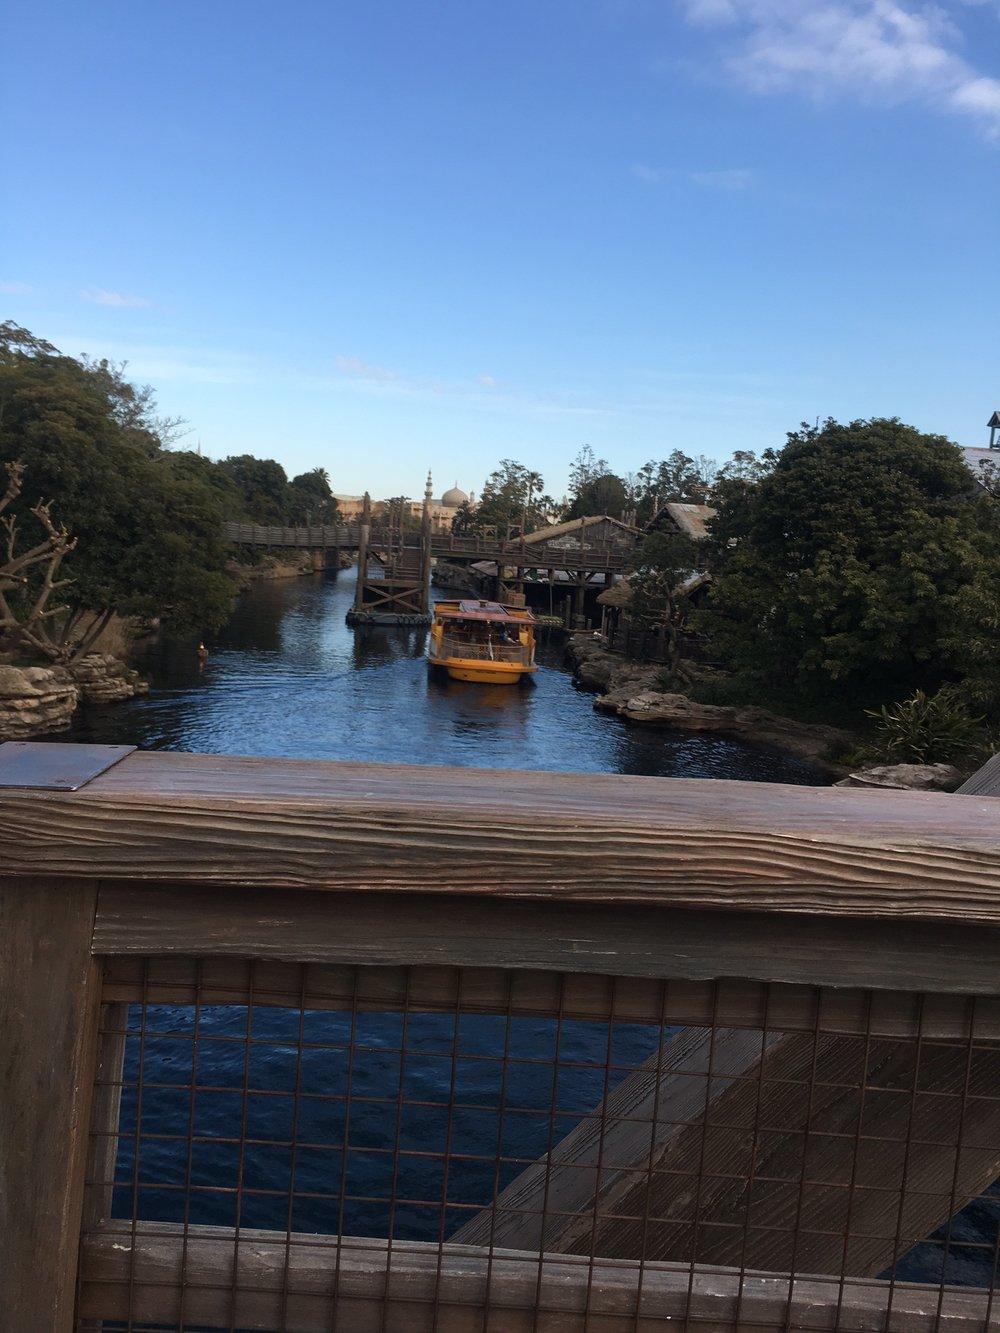 DisneySea-Schuyler-Croy-Ship-Transportation.JPG